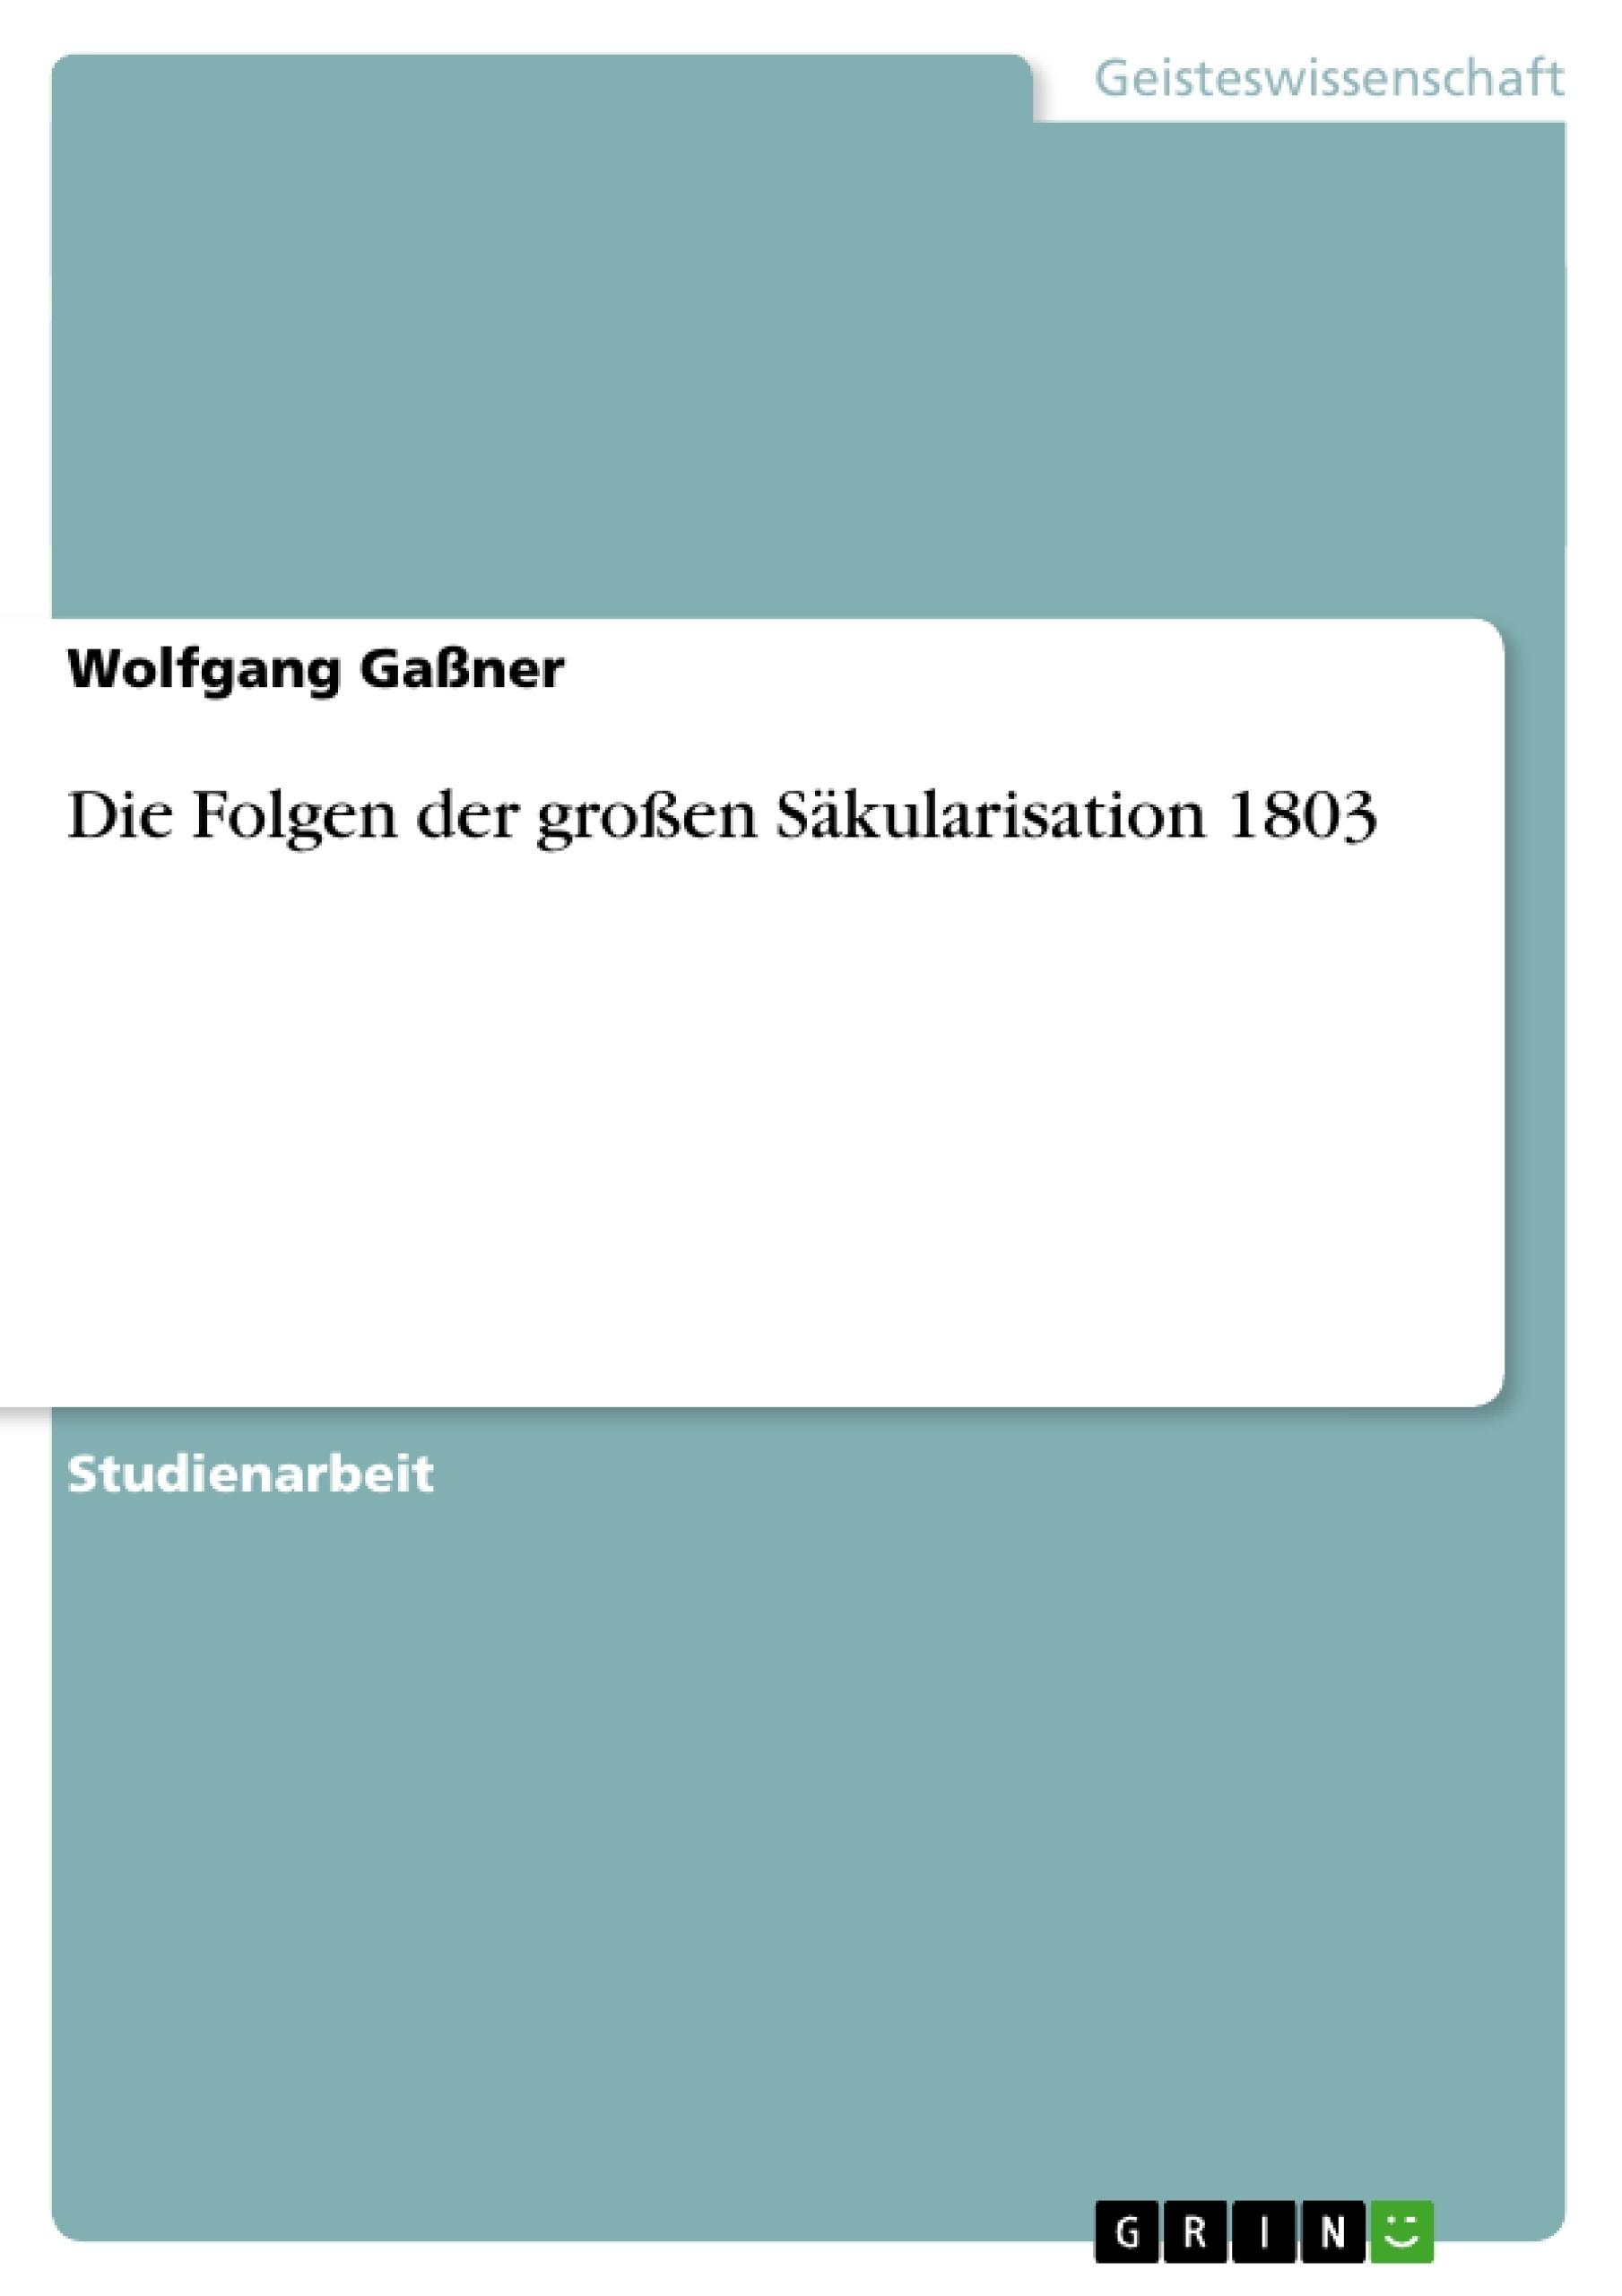 Titel: Die Folgen der großen Säkularisation 1803